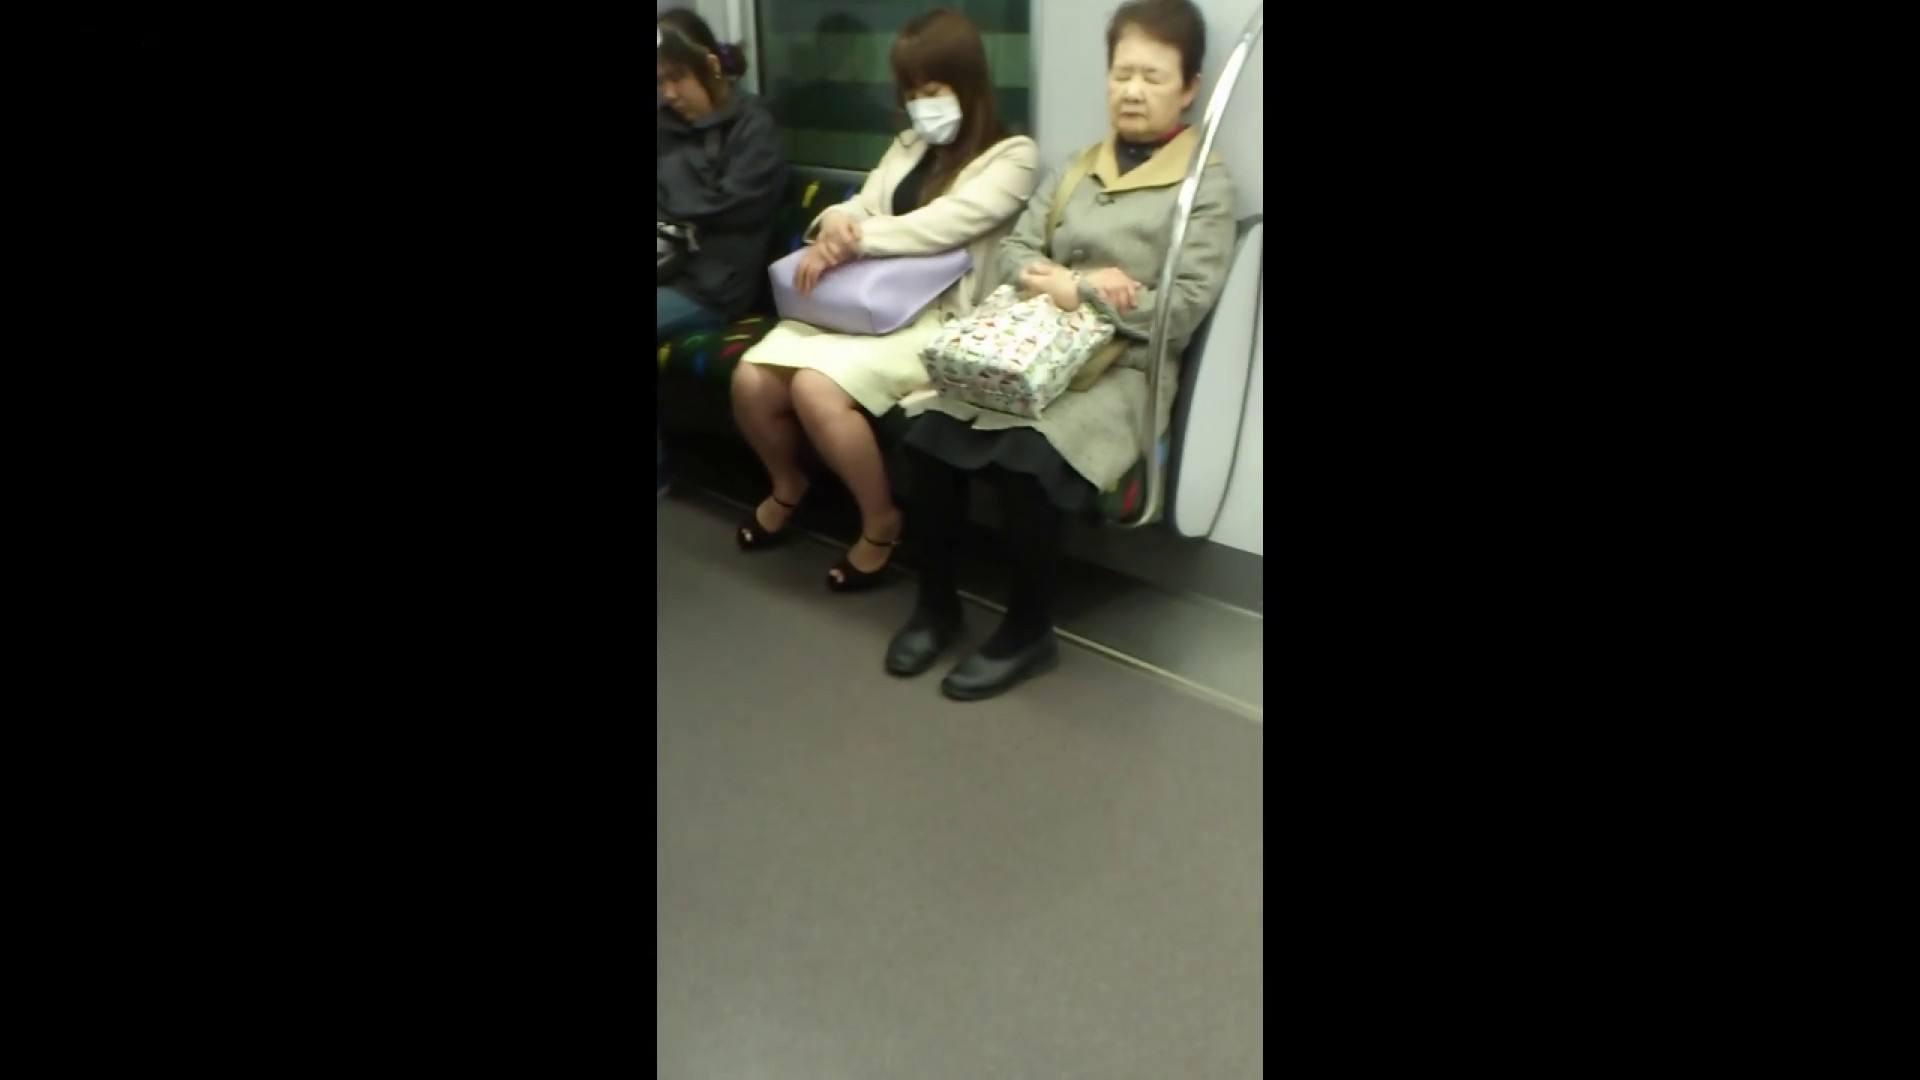 盗撮列車 Vol.55 黄色の爽やかなスカートが大好きです。 盗撮編 AV無料動画キャプチャ 89枚 10